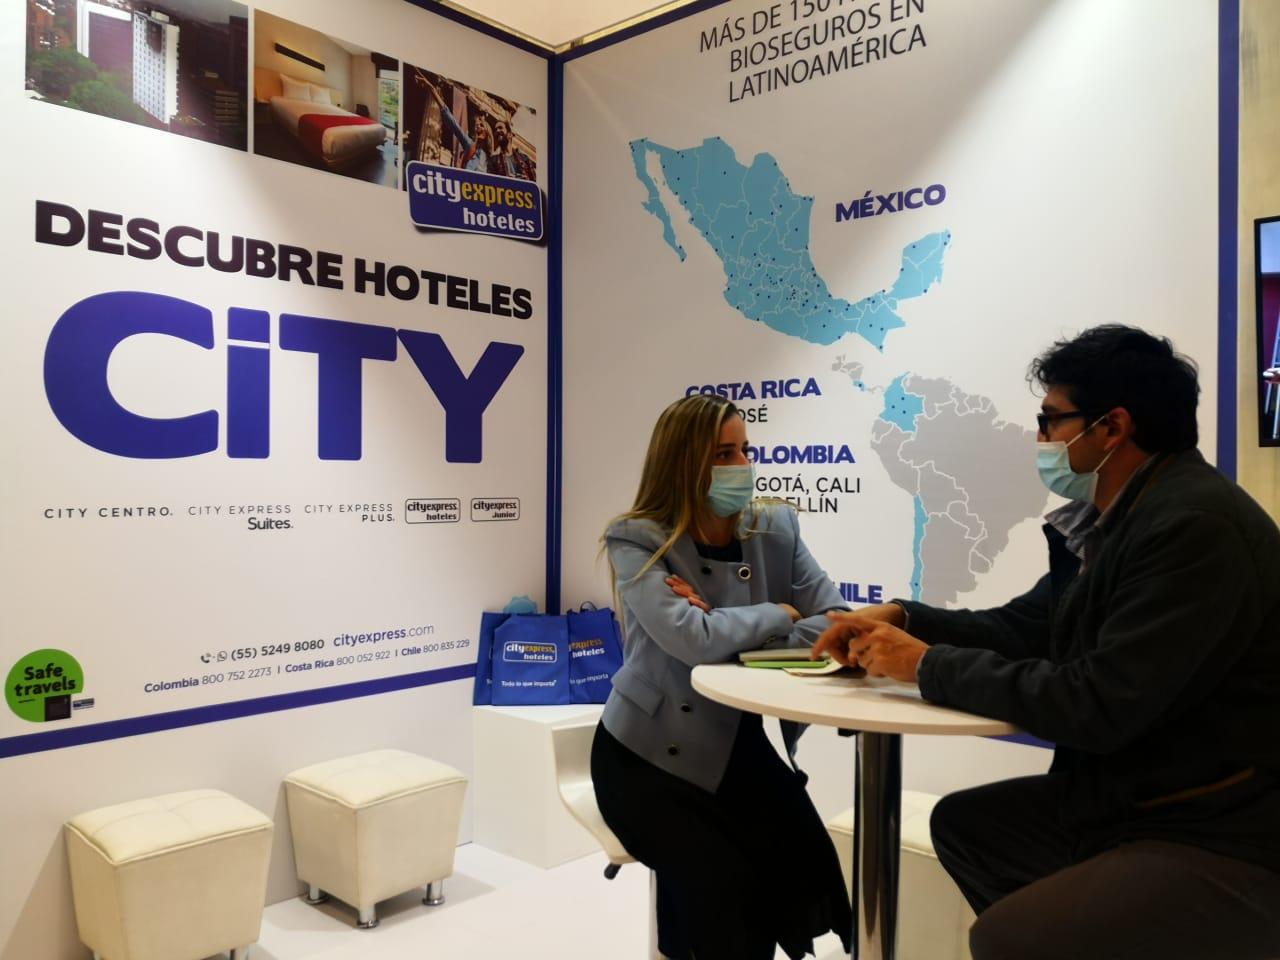 City Express presente en ANATO con sus más de 150 propiedades